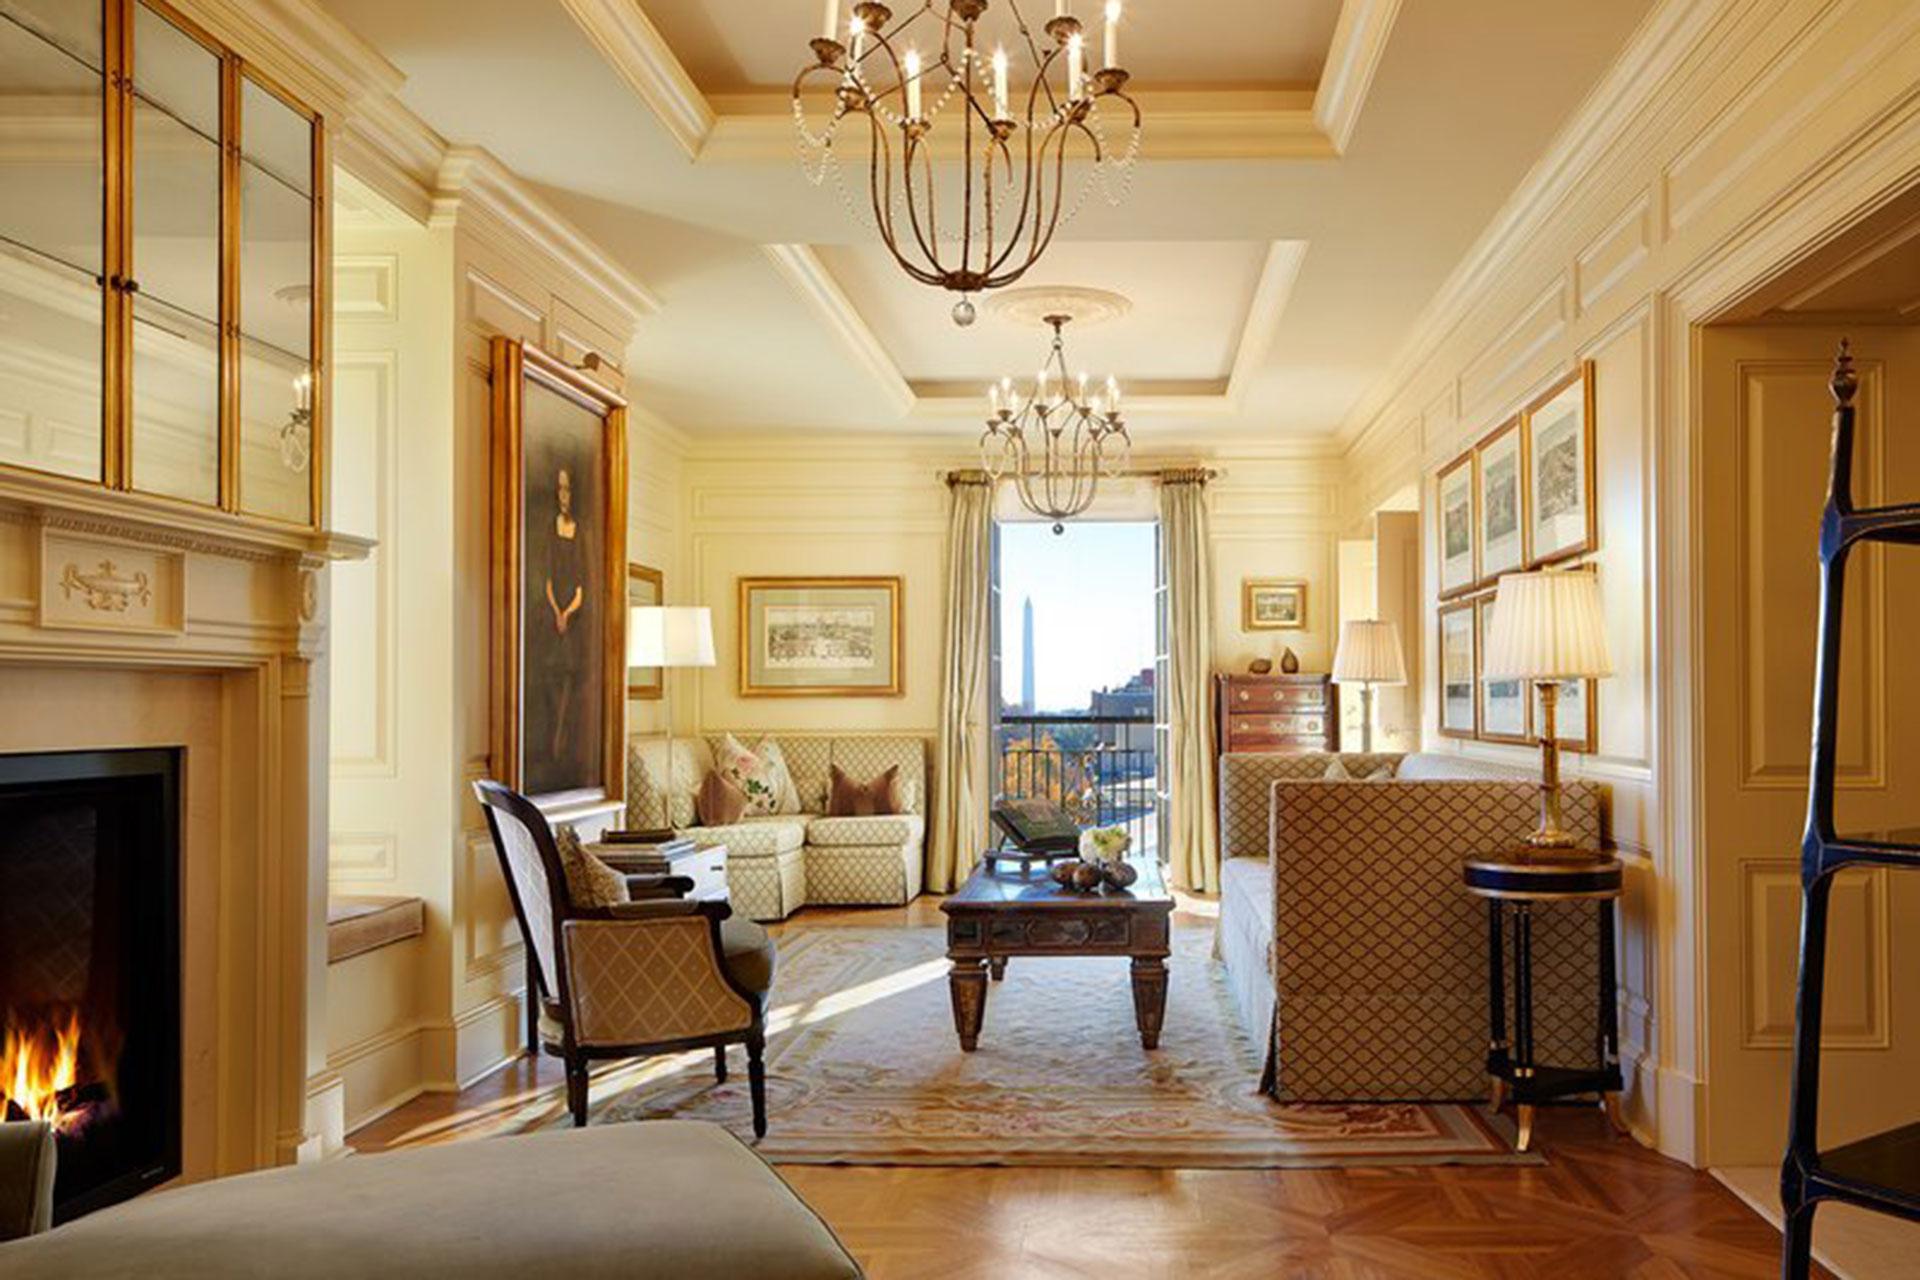 The Jefferson, Washington D.C.